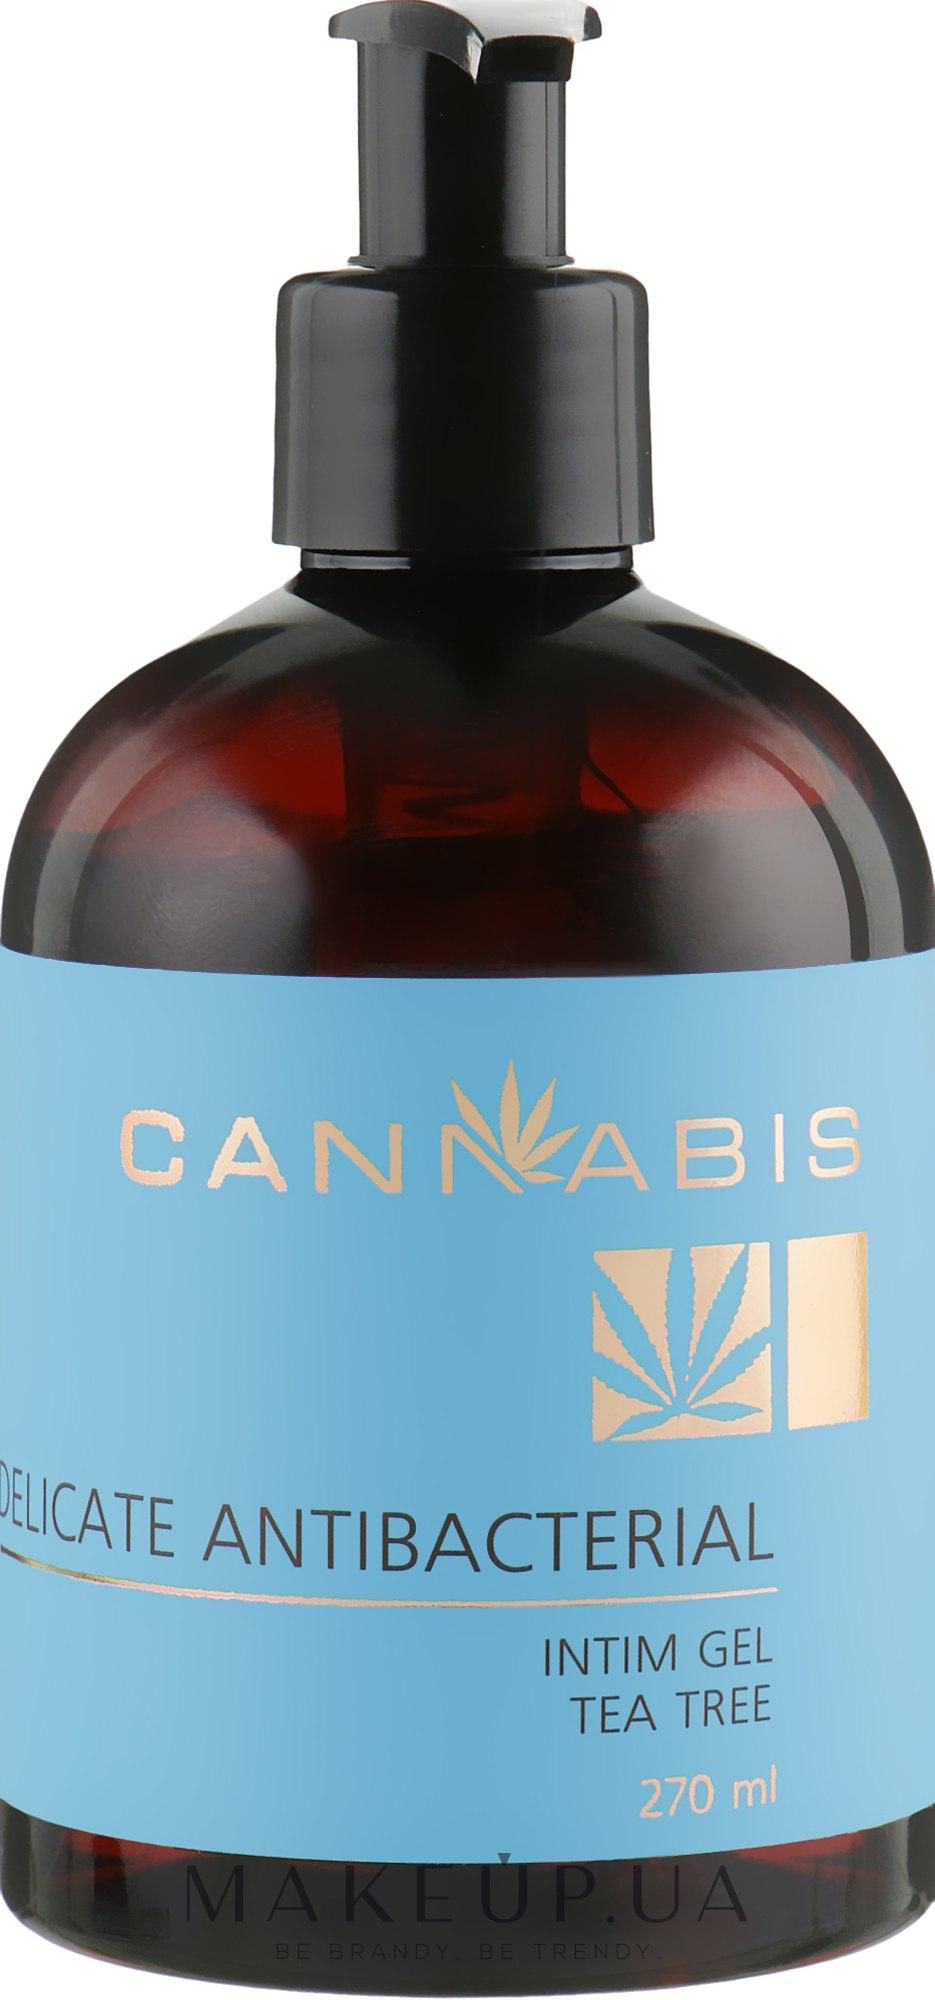 Деликатный антибактериальный гель для интимной гигиены с чайным деревом и экстрактом каннабиса - Cannabis Intim Gel — фото 270ml